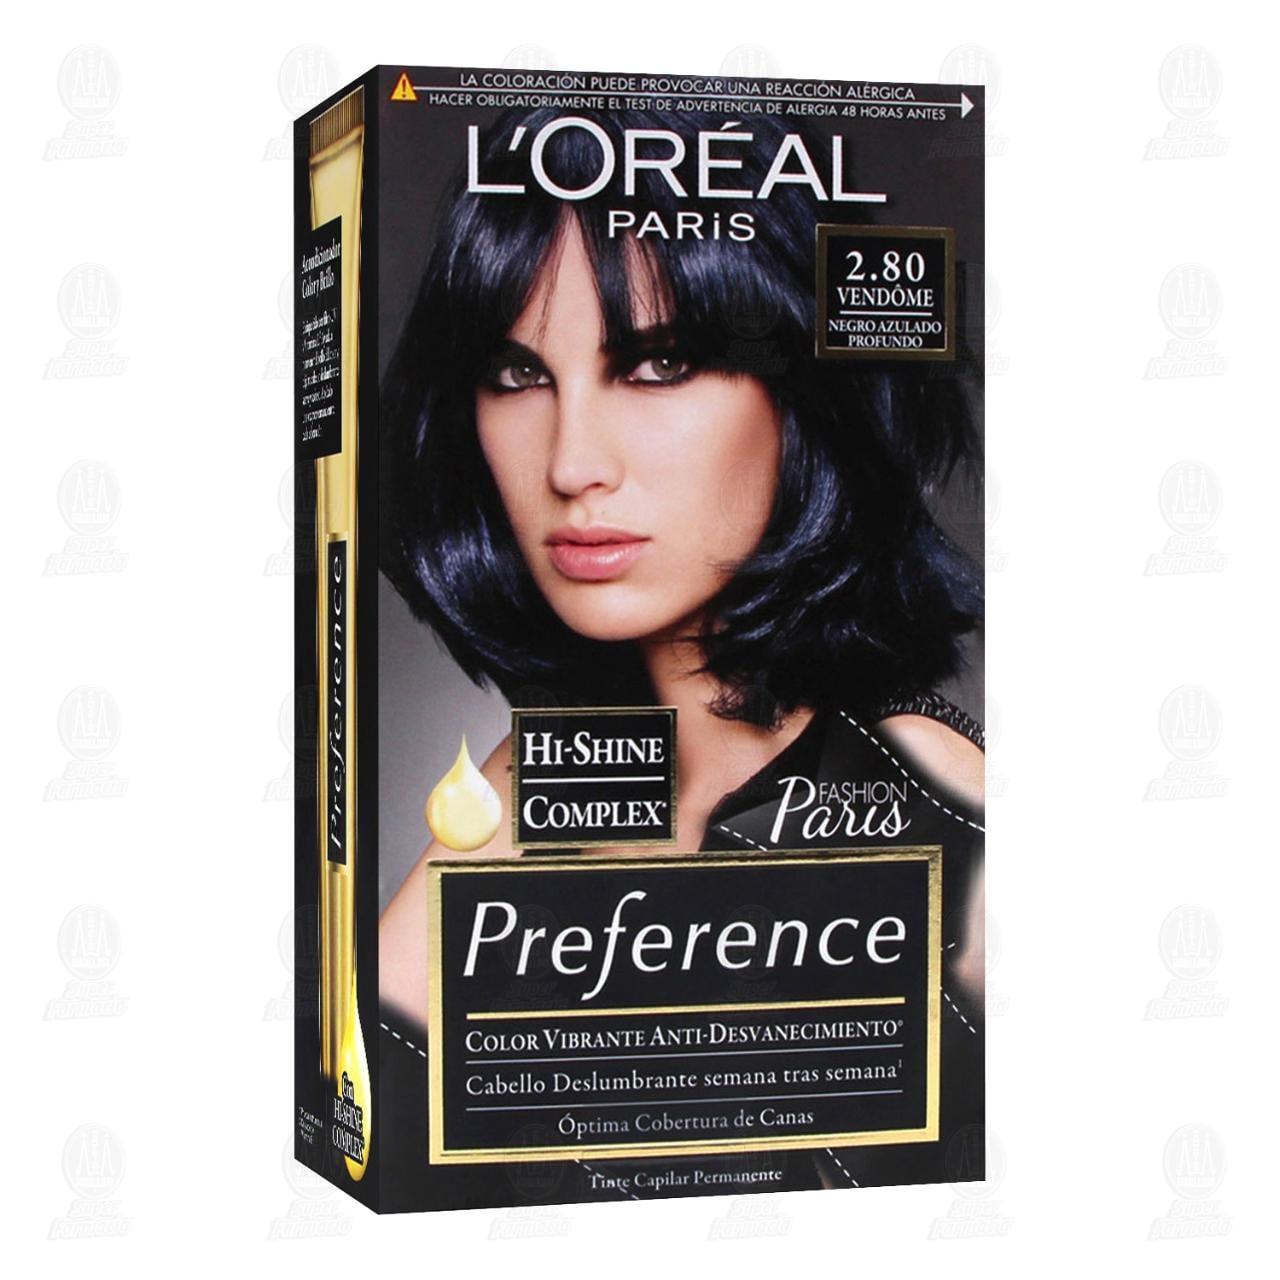 comprar https://www.movil.farmaciasguadalajara.com/wcsstore/FGCAS/wcs/products/1227262_A_1280_AL.jpg en farmacias guadalajara